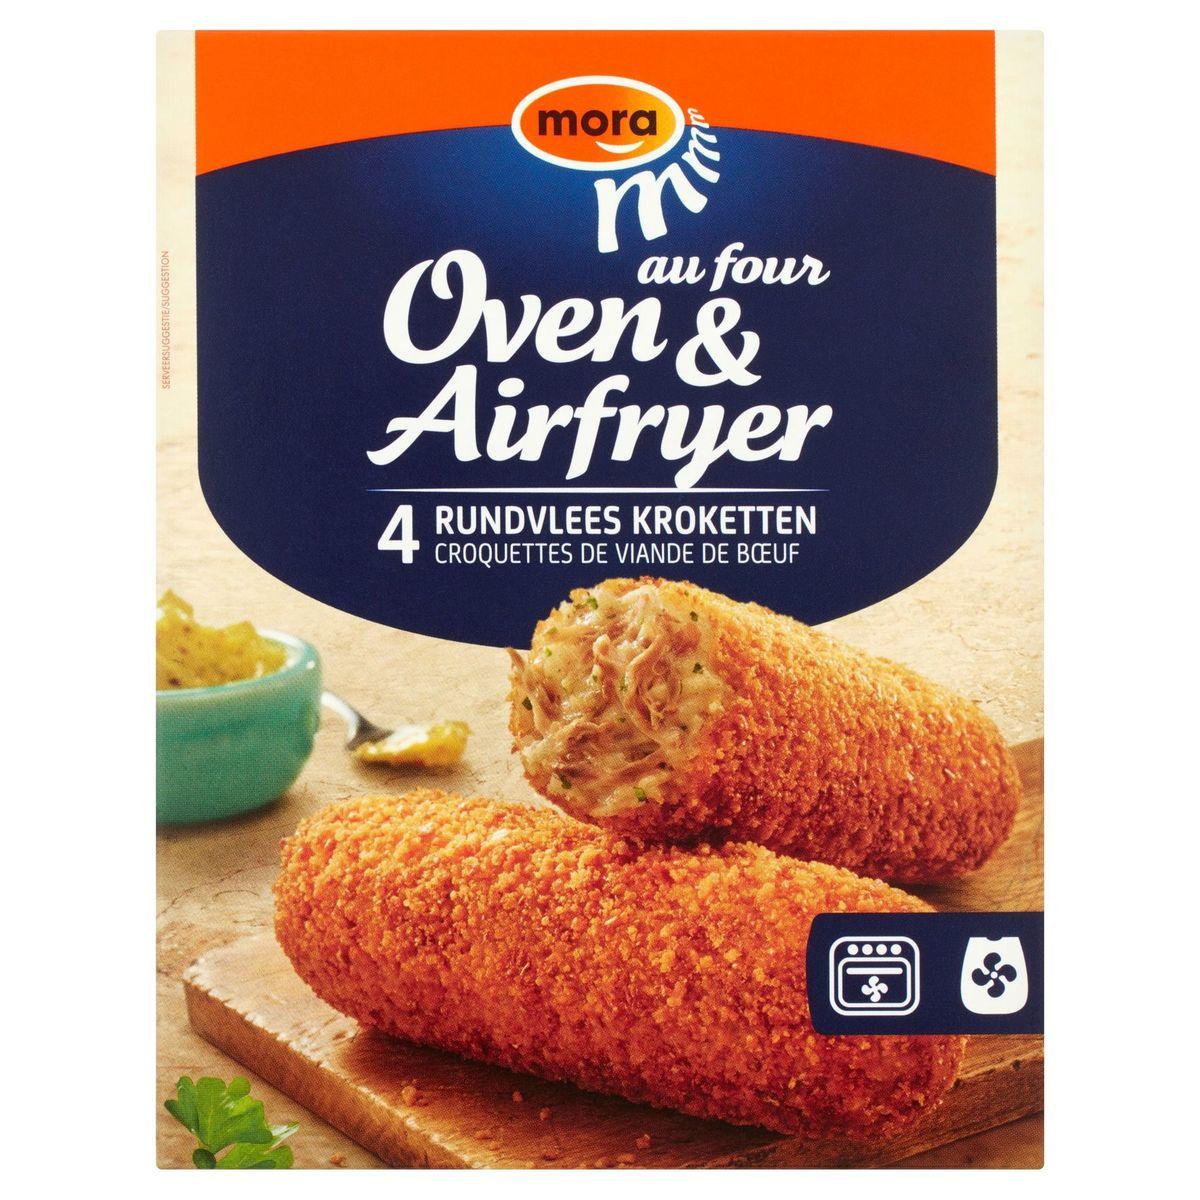 Mora Oven & Airfryer Croquettes de Viande de Bœuf 4 x 80 g